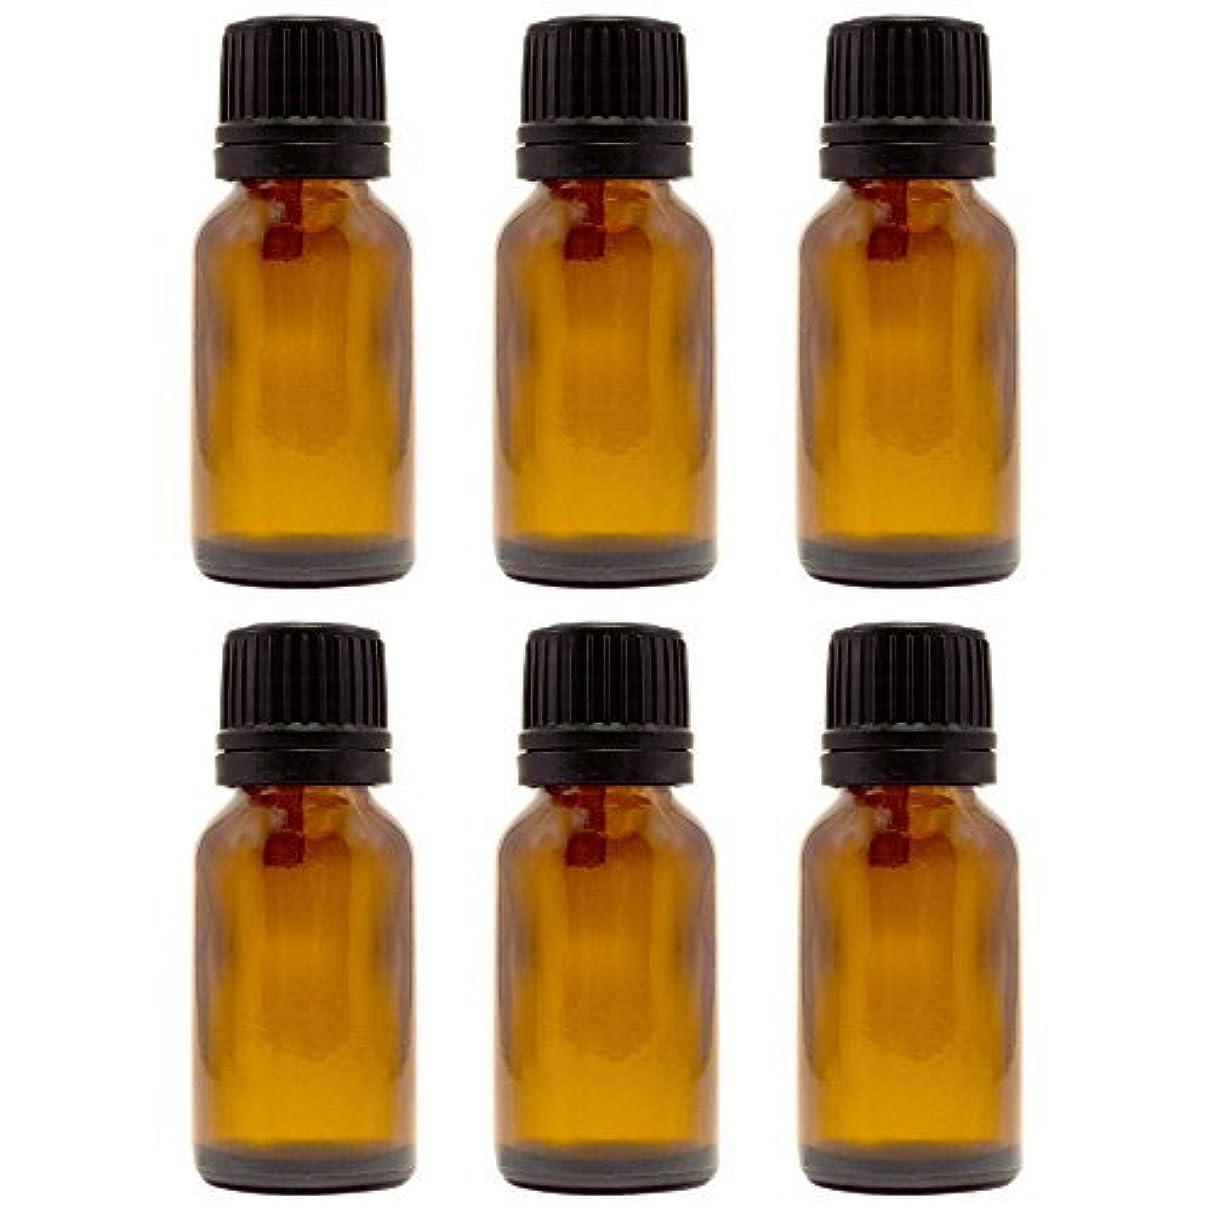 闇関税シャッター15 ml (1/2 fl oz) Amber Glass Bottle with Euro Dropper (6 Pack) [並行輸入品]